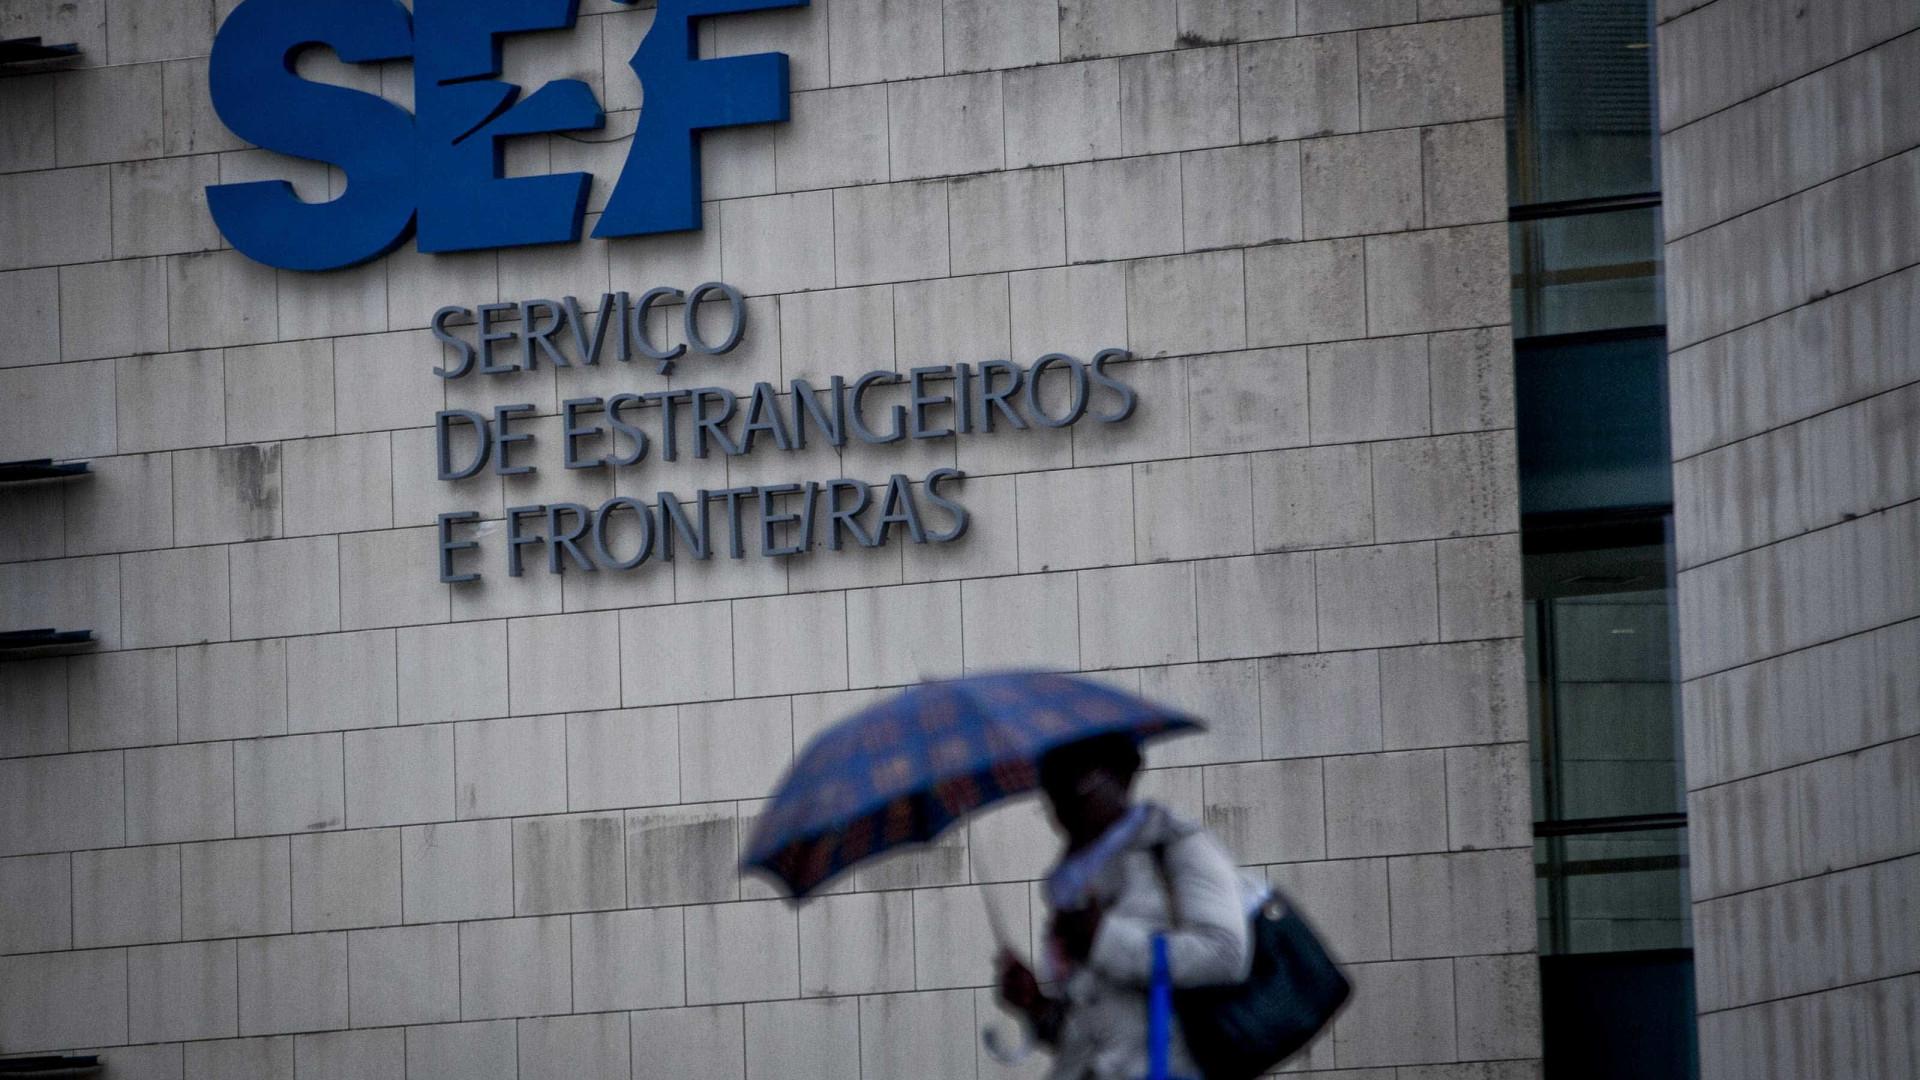 SEF deteve três na região Centro e notifica 11 para abandonarem o país